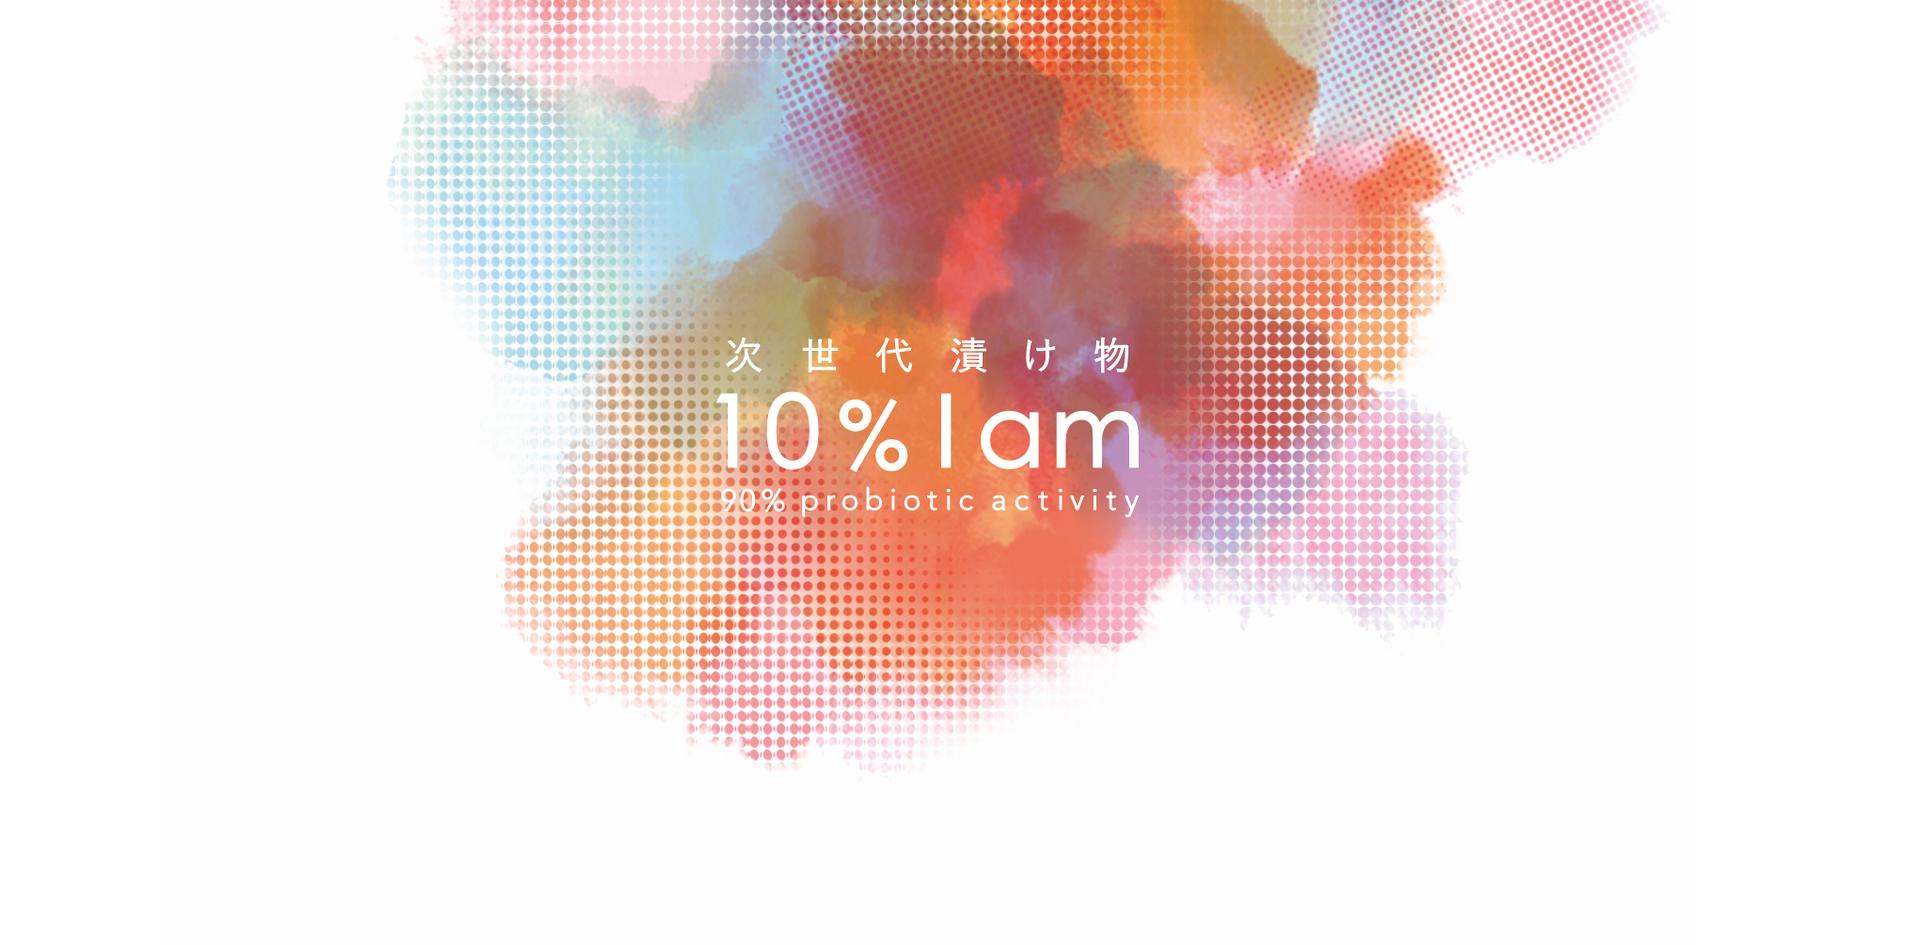 スクリーンショット 2021-01-02 15.51.33.png